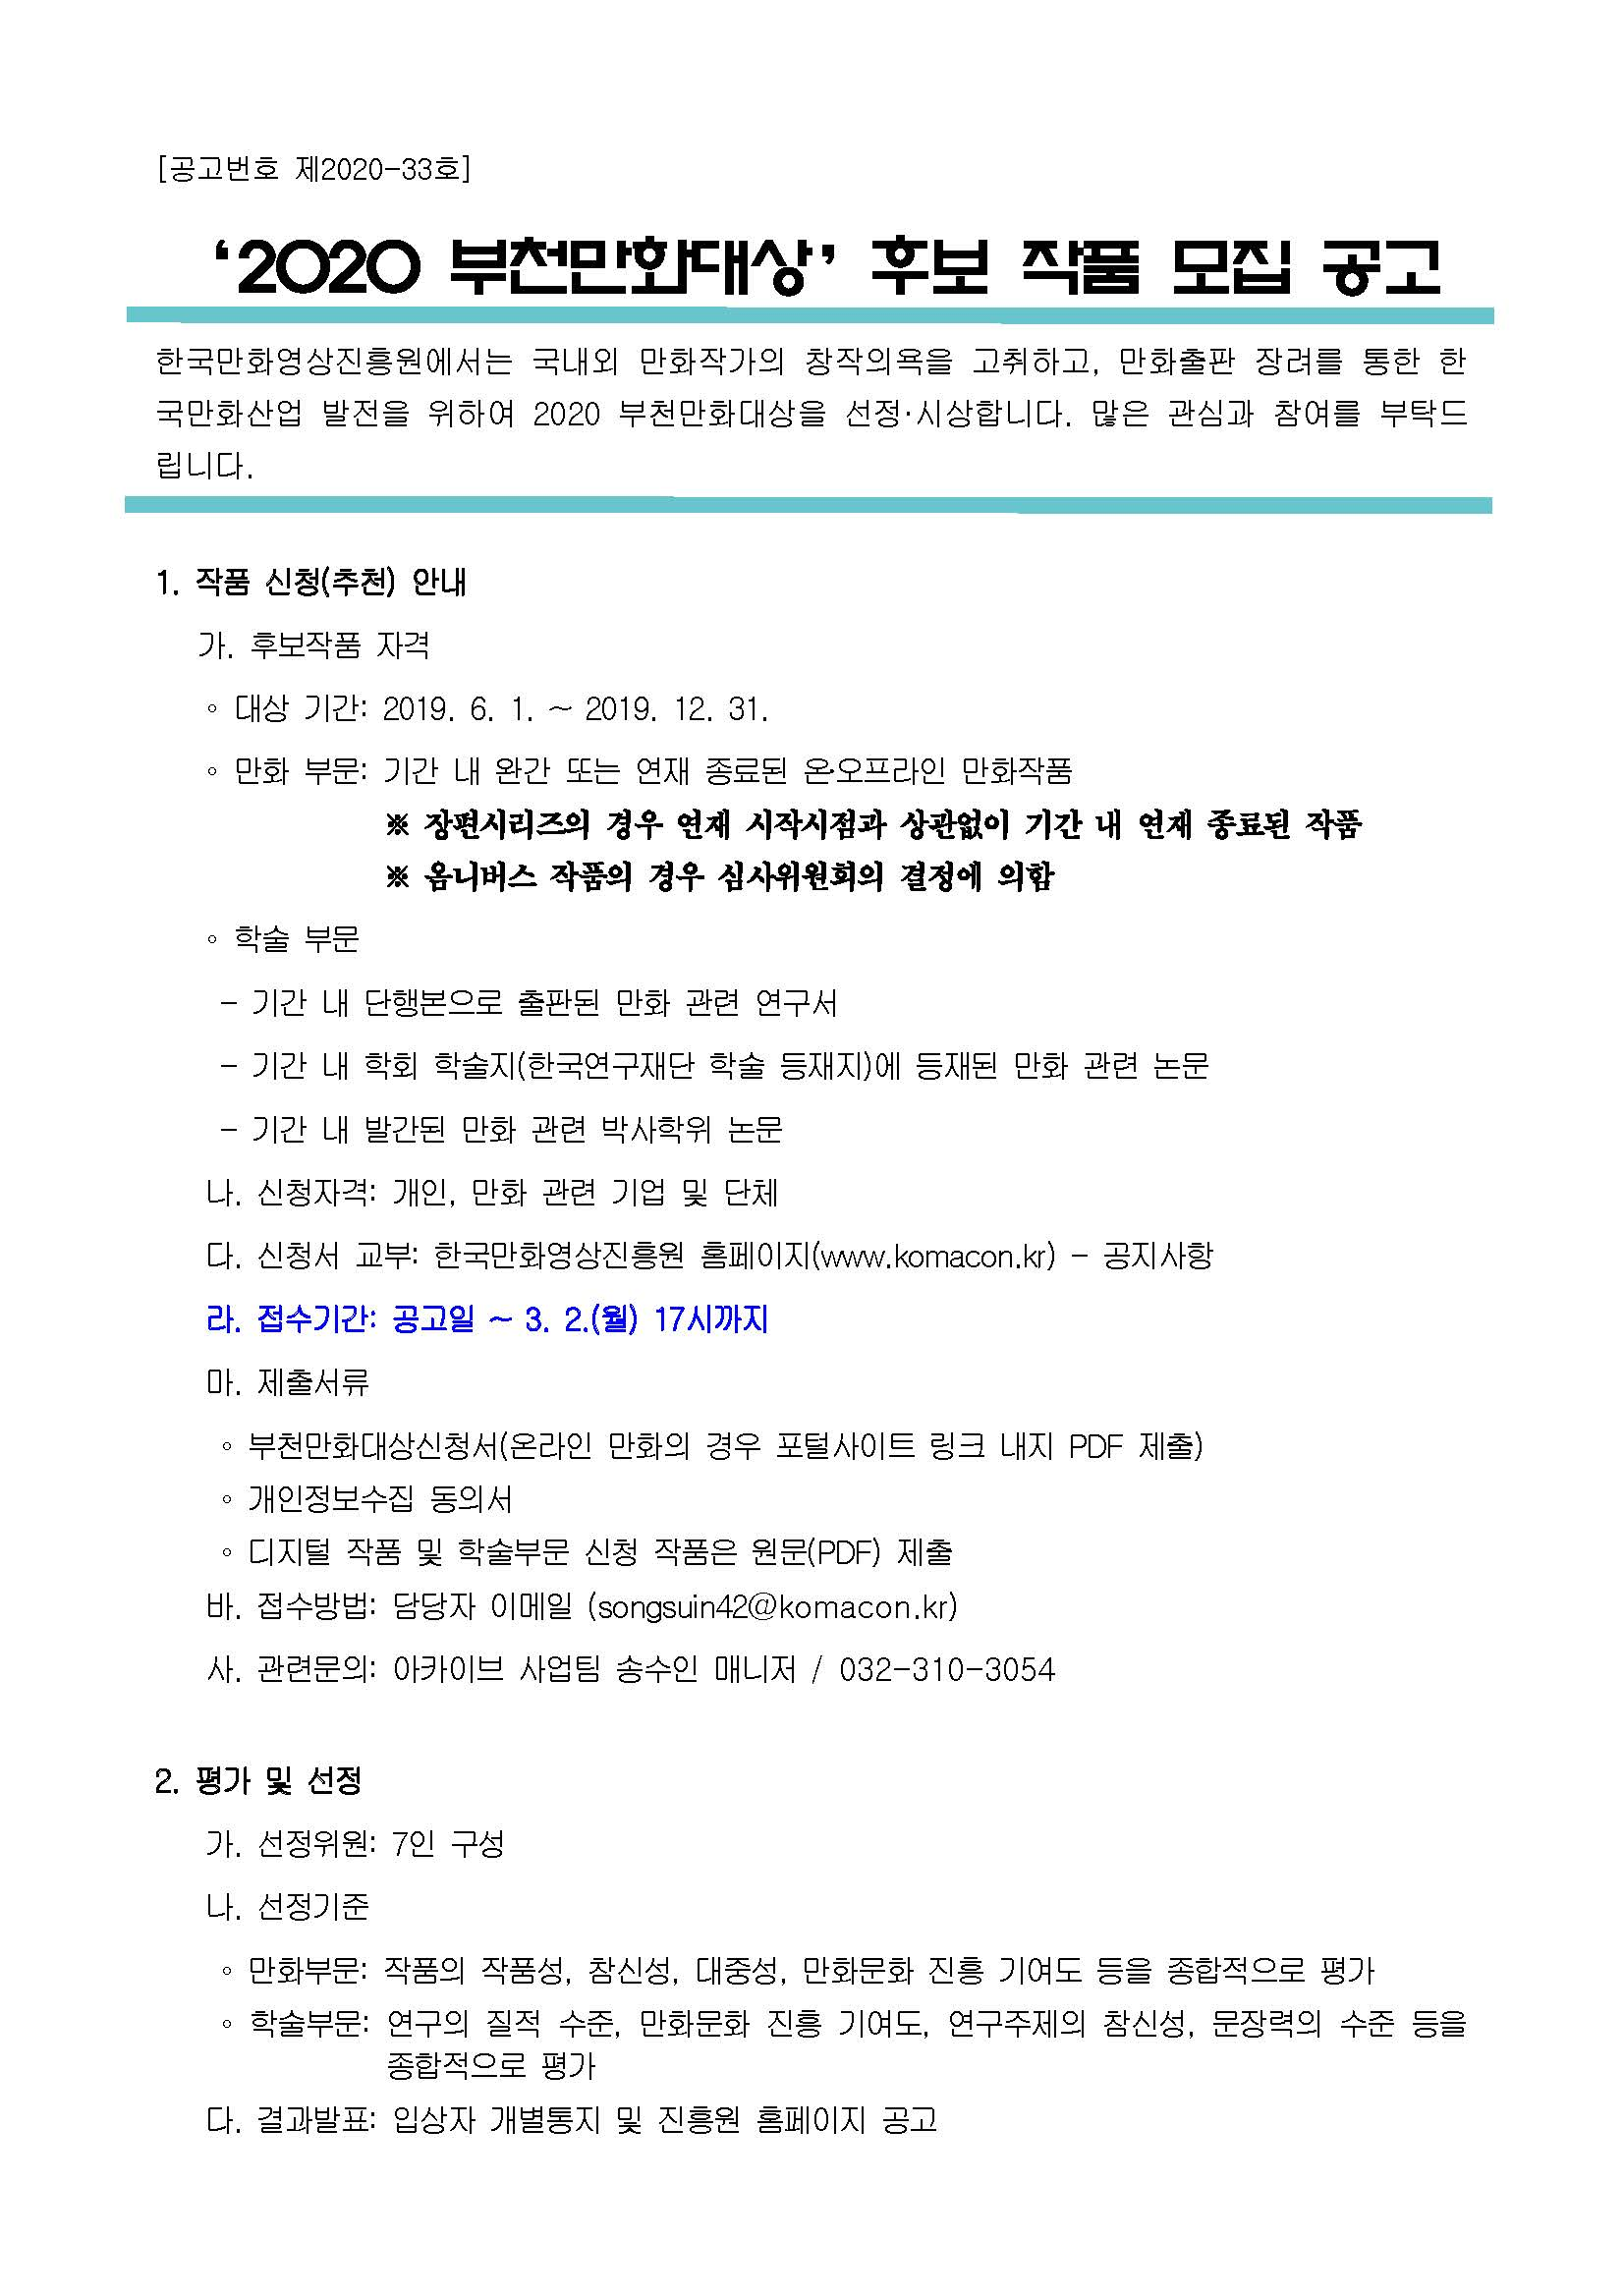 2020 제17회 부천만화대상 후보작품 모집공고_페이지_1.jpg